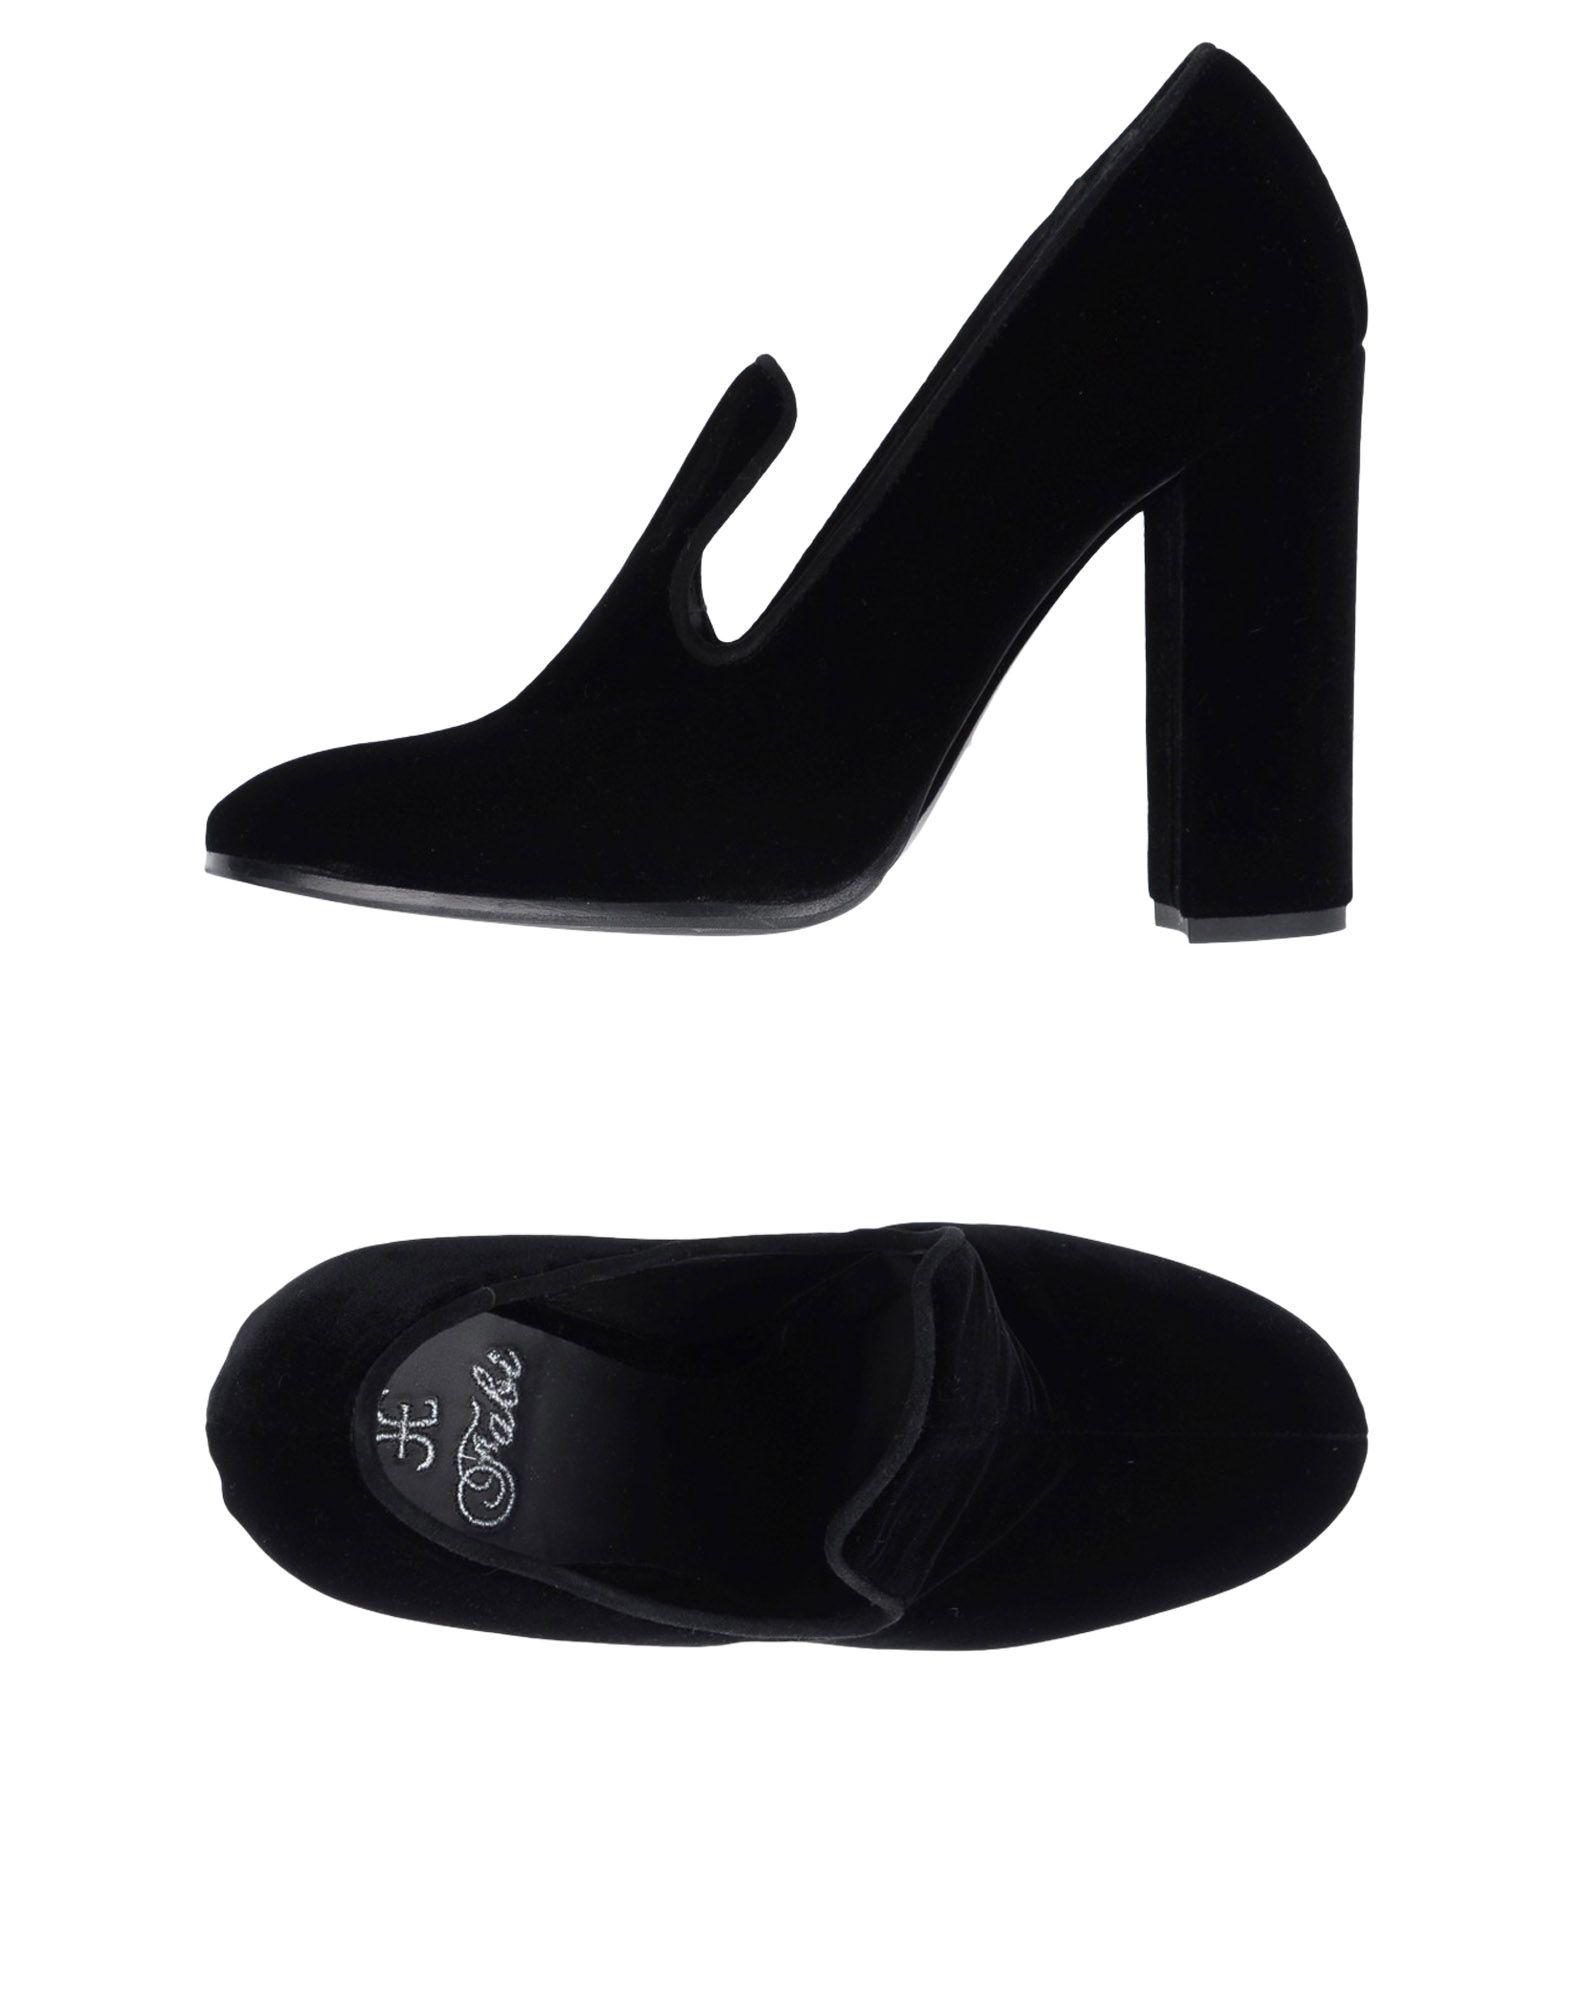 Fabi Mokassins beliebte Damen  11302476NS Gute Qualität beliebte Mokassins Schuhe 2ac142